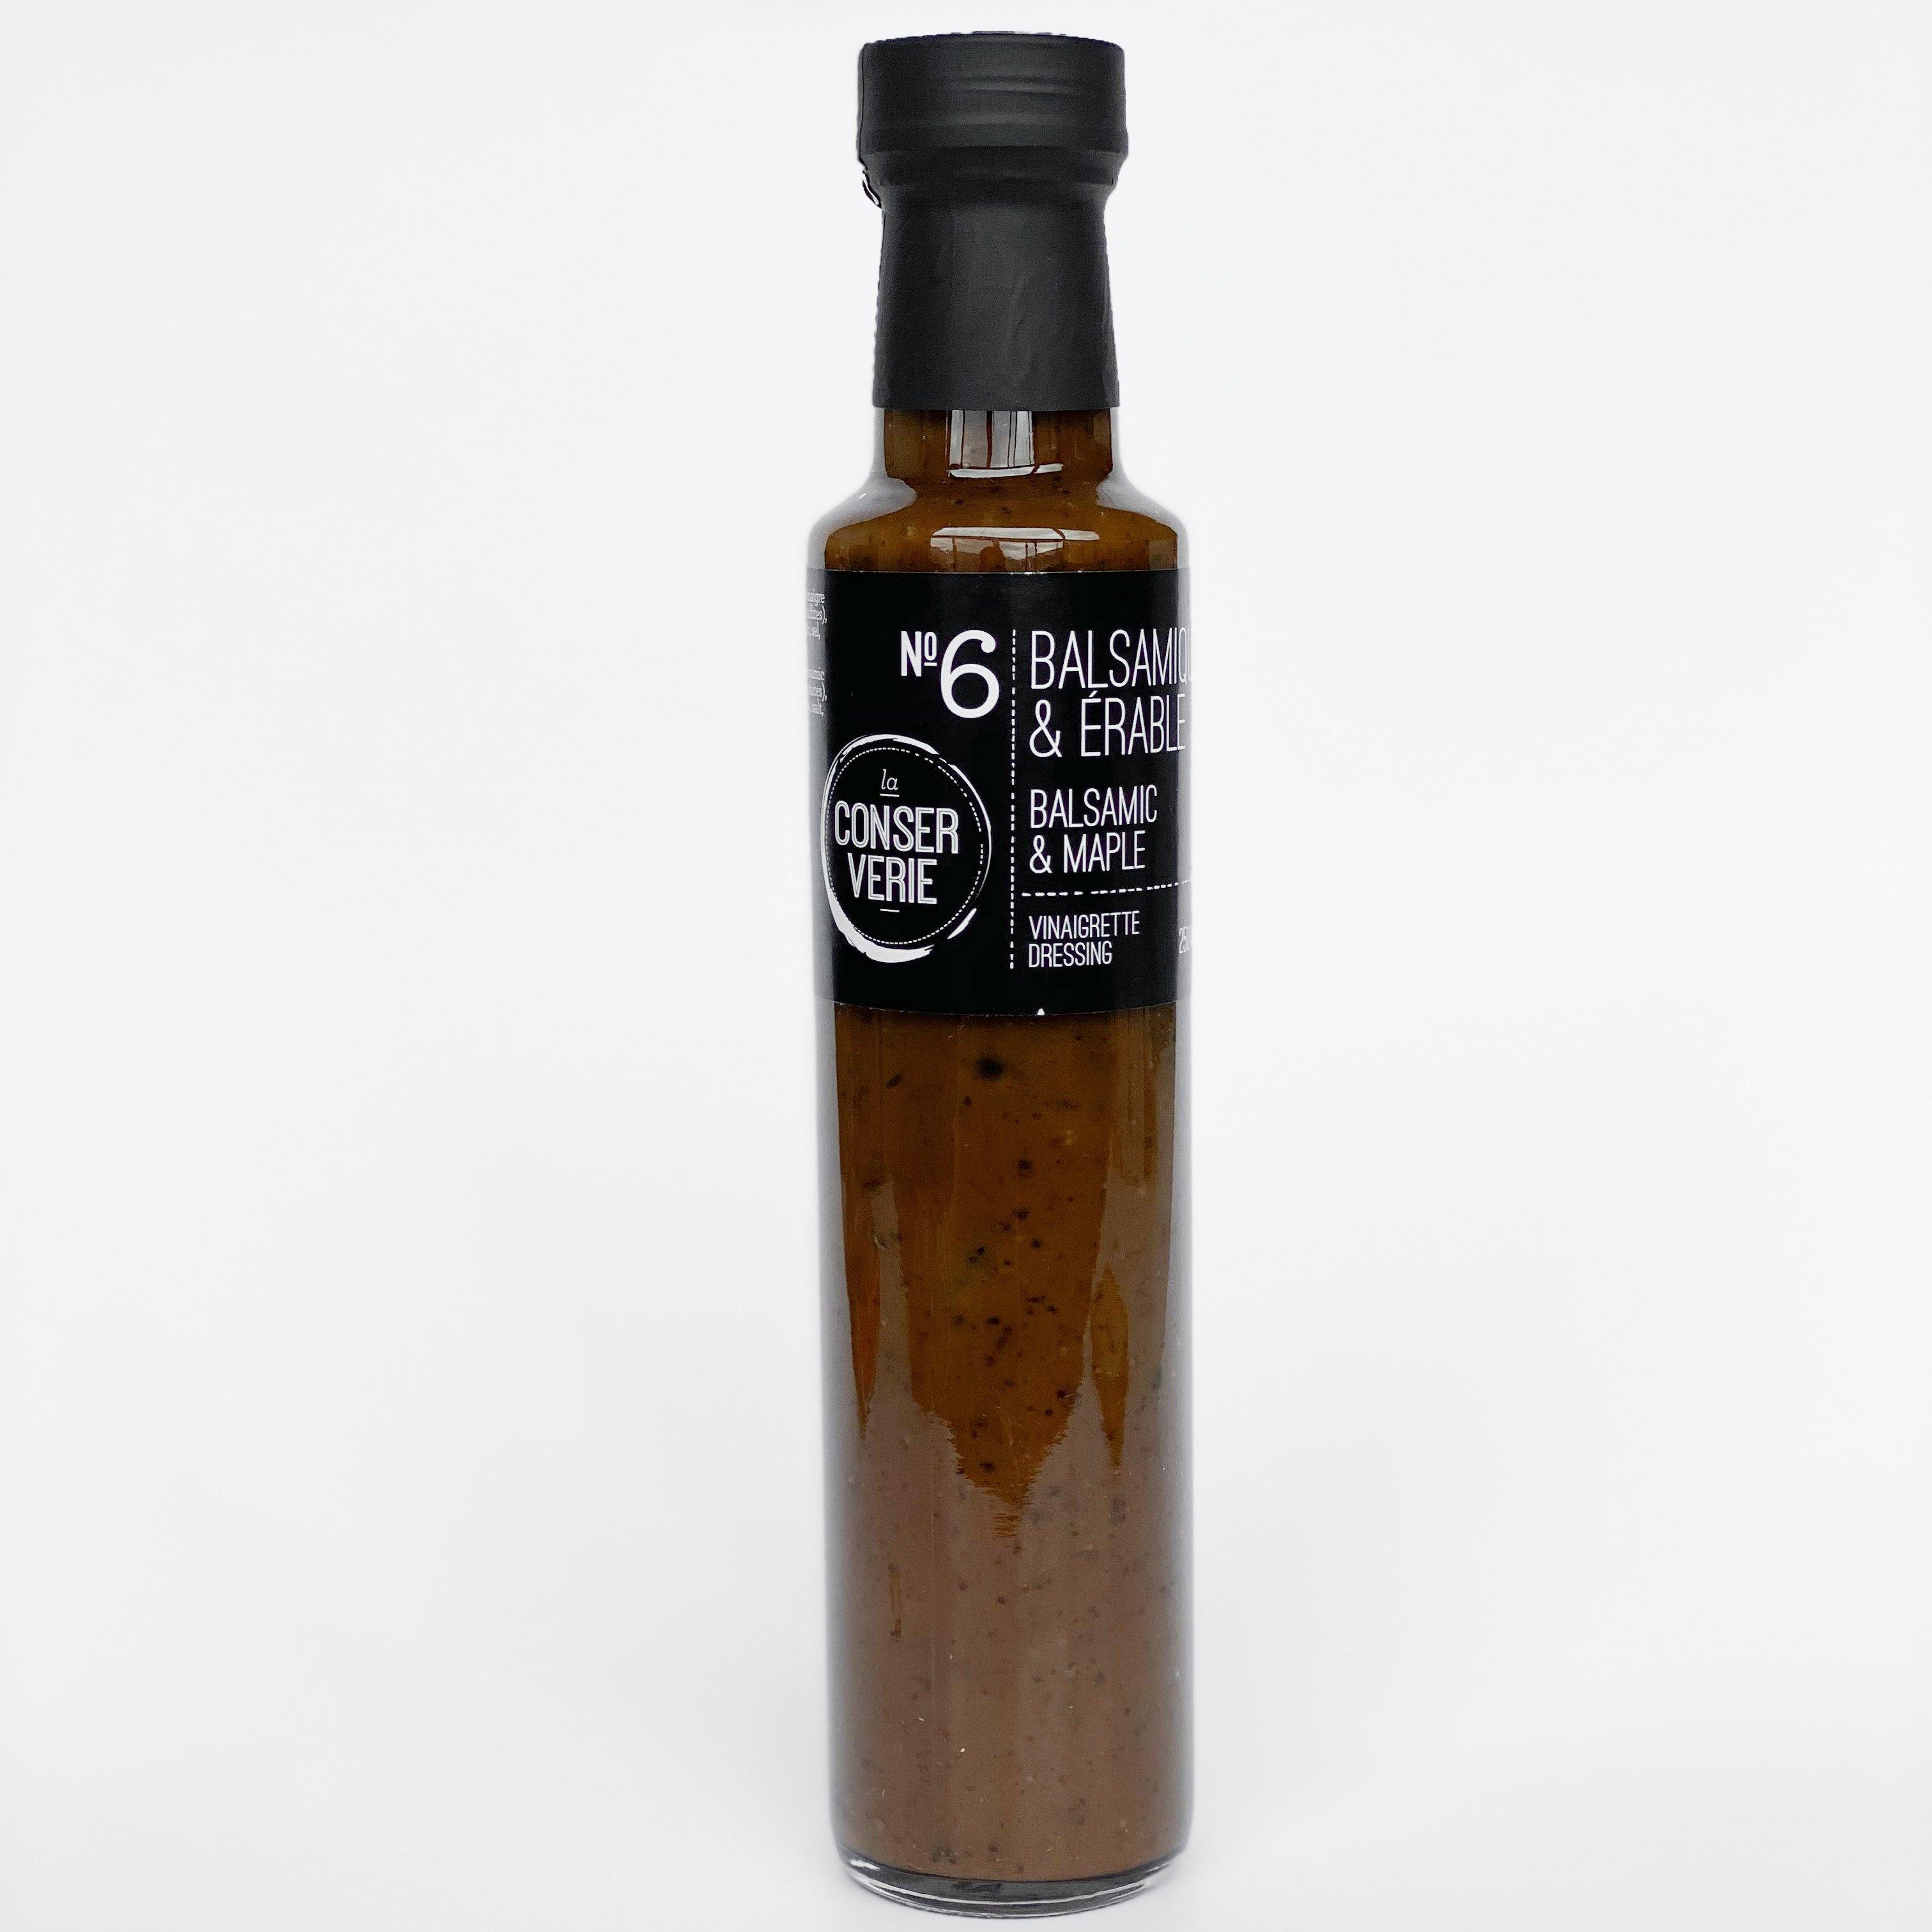 Vinaigrette balsamique & érable - La conserverie